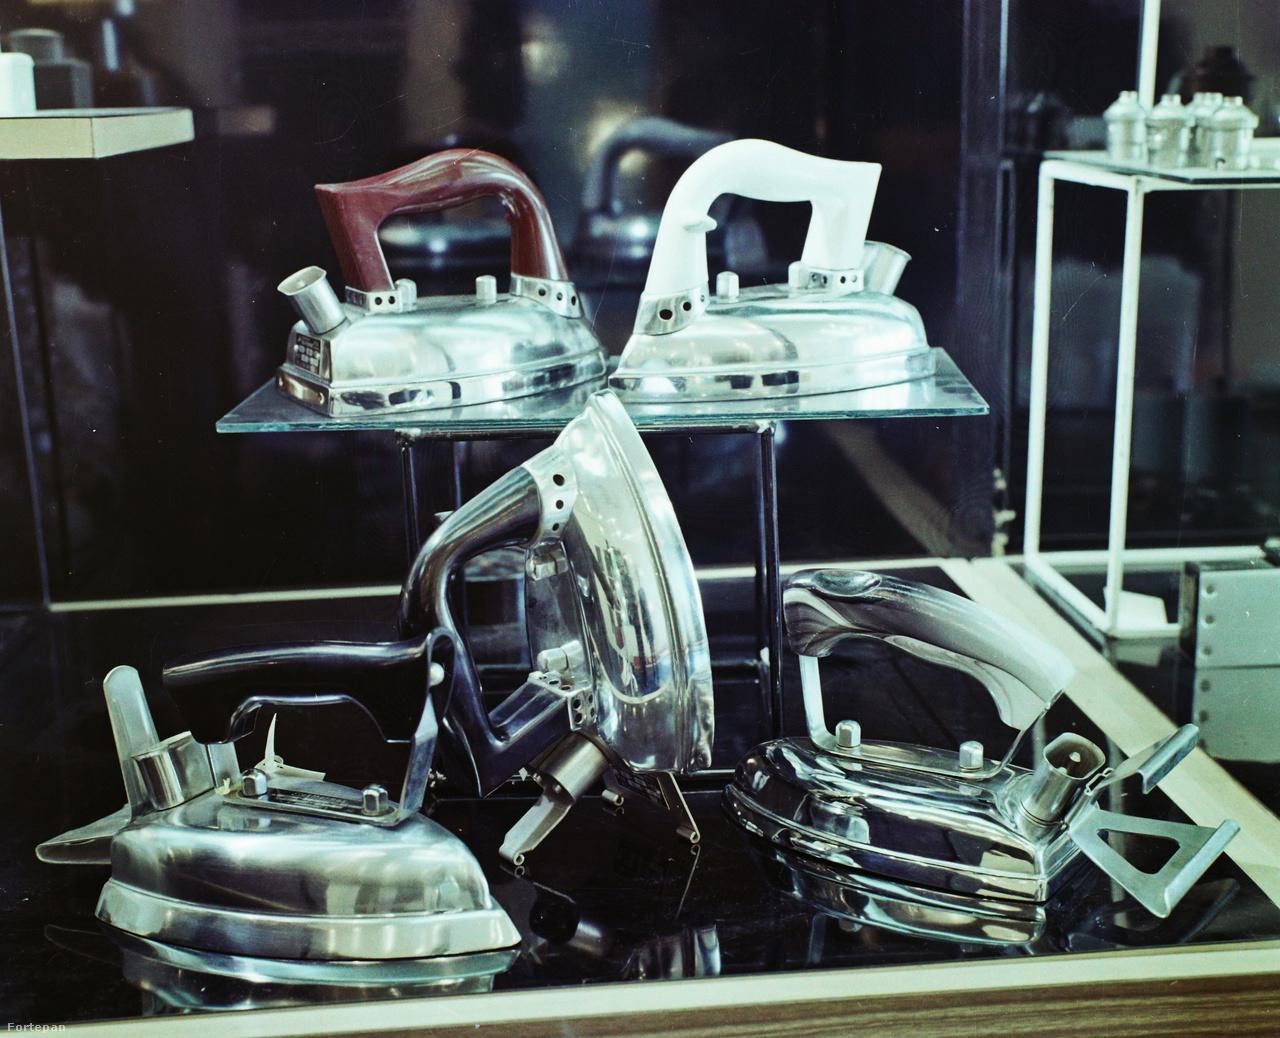 Szép, mint öt vasaló szándékos találkozása a bolti kirakatban (1973).